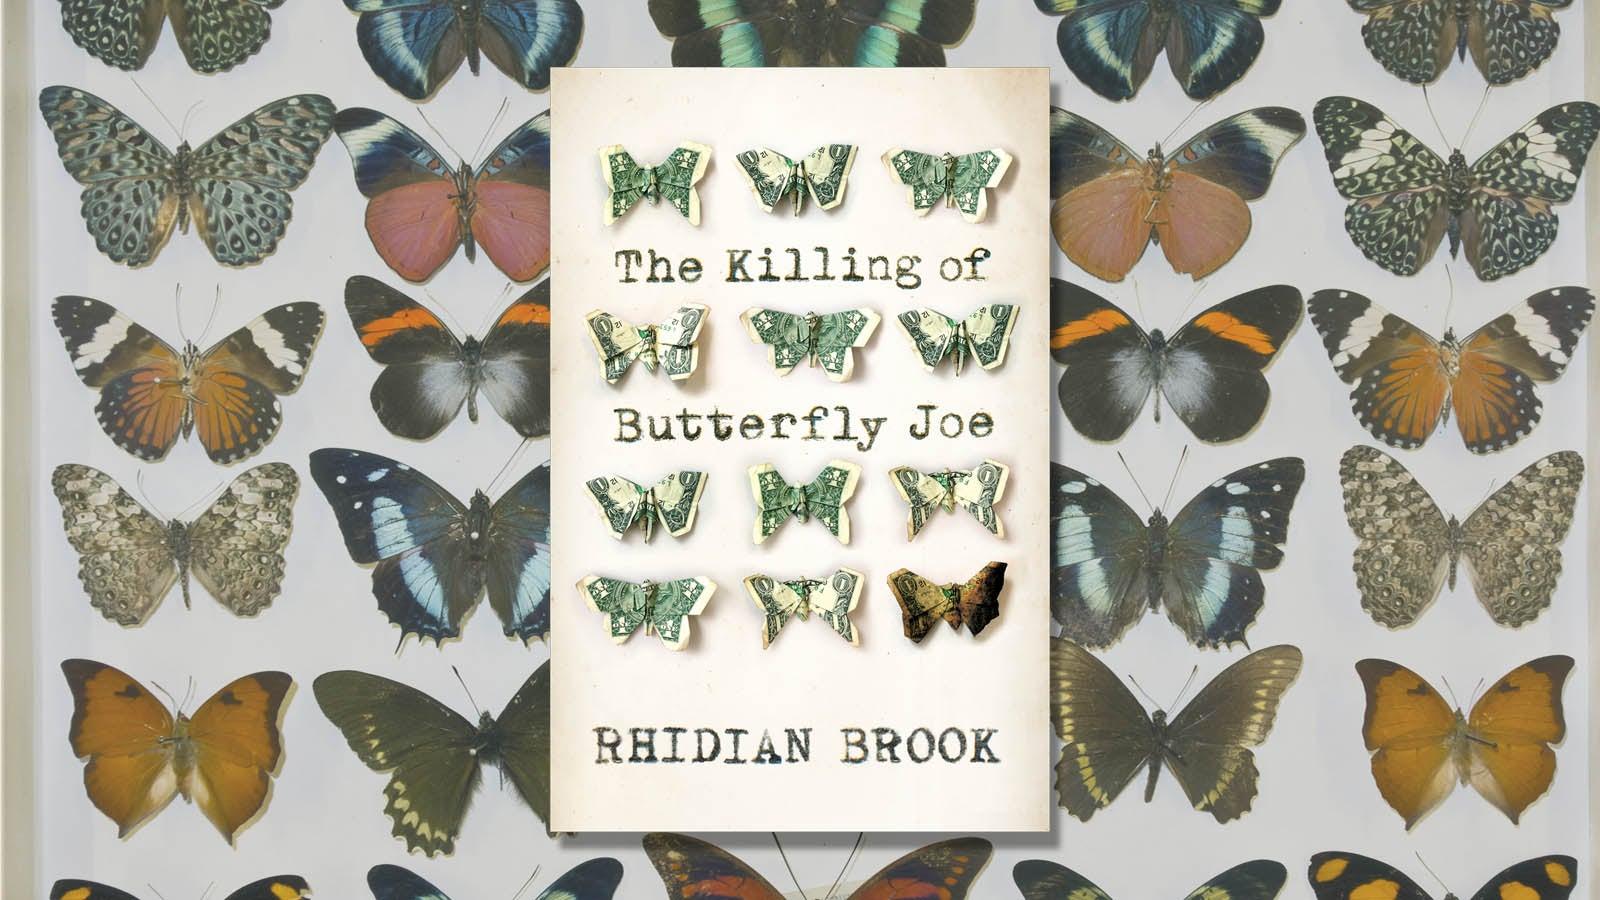 The Killing of Butterfly Joe Rhidian Brook  Book Jacket